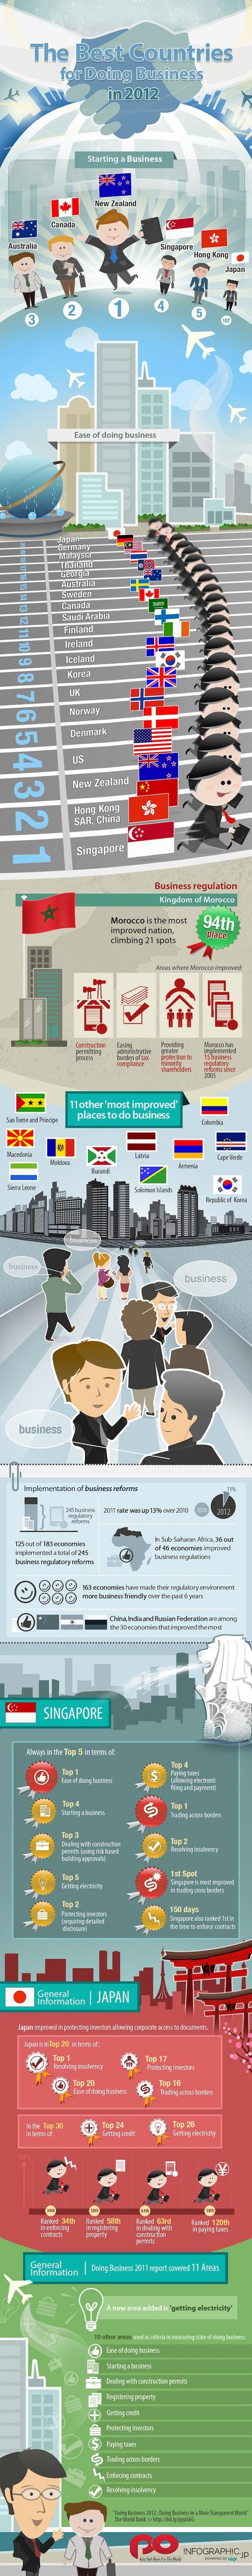 Business 2012: quali stati del mondo sono i più convenienti per creare startup e fare affari